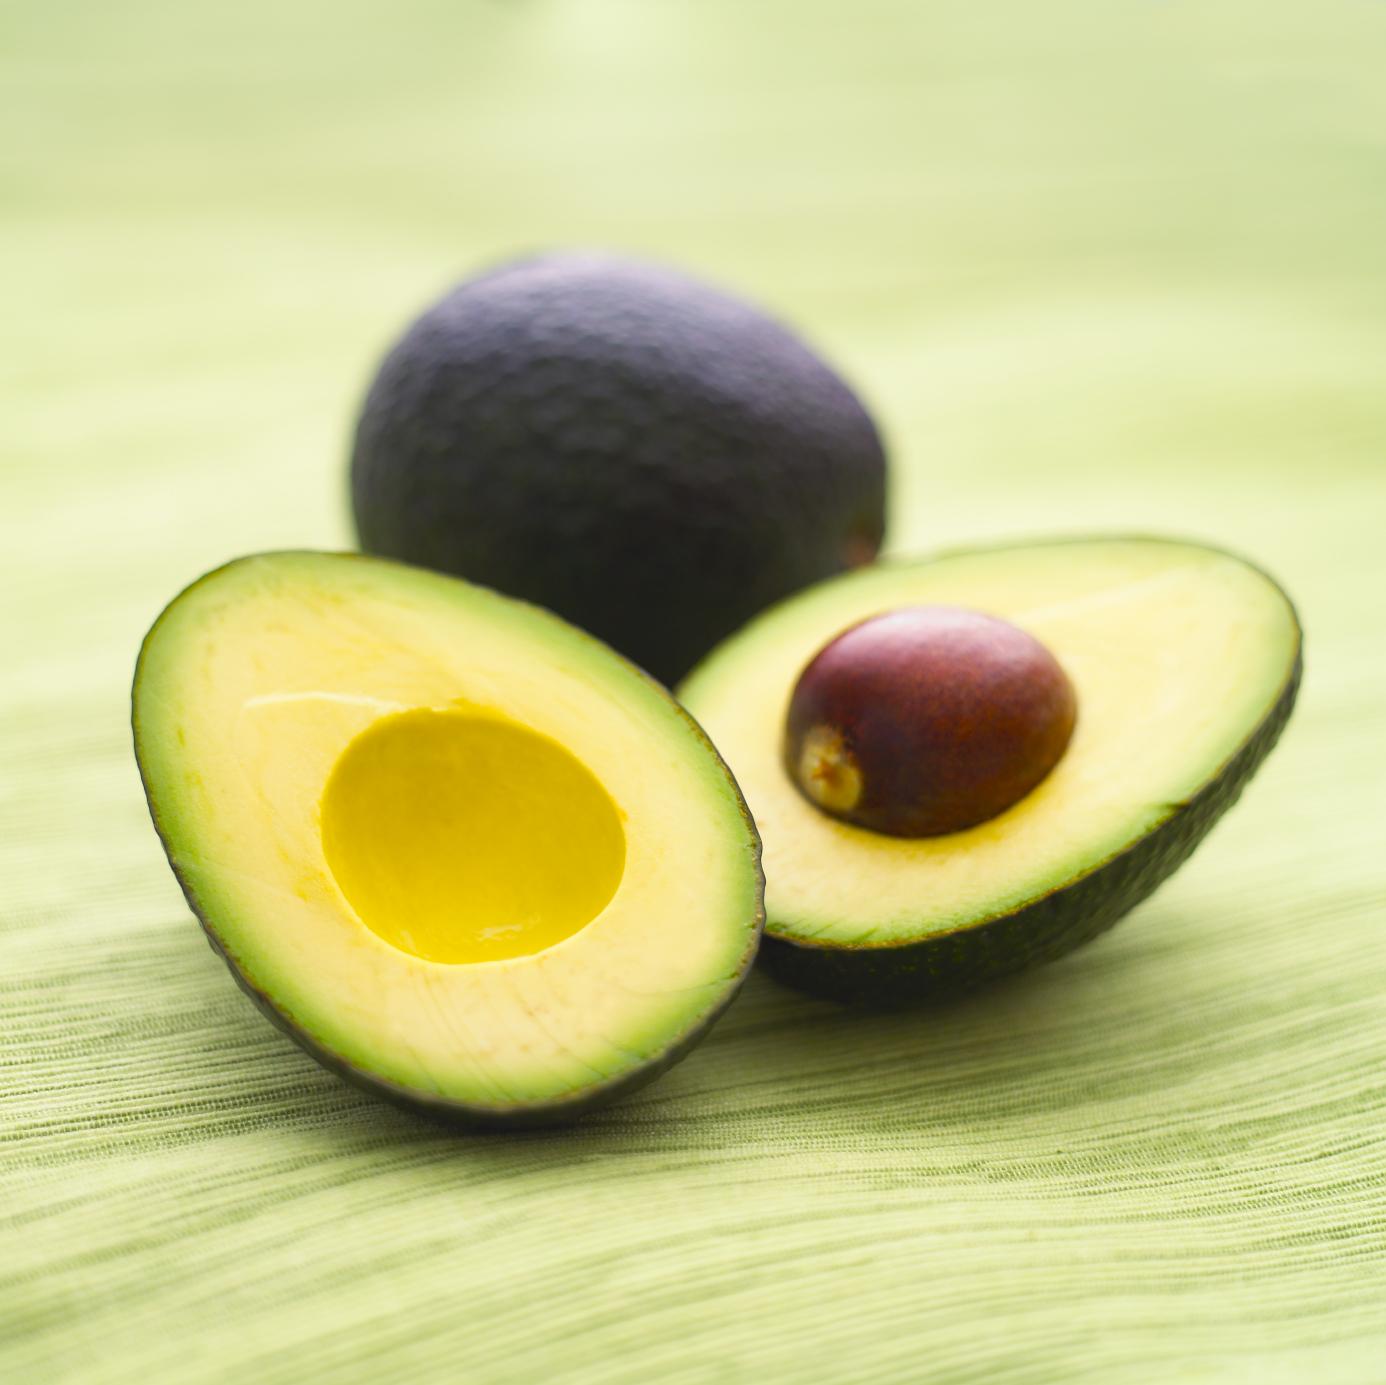 ... avocado society was held in the ii world avocado congress in 1991 many